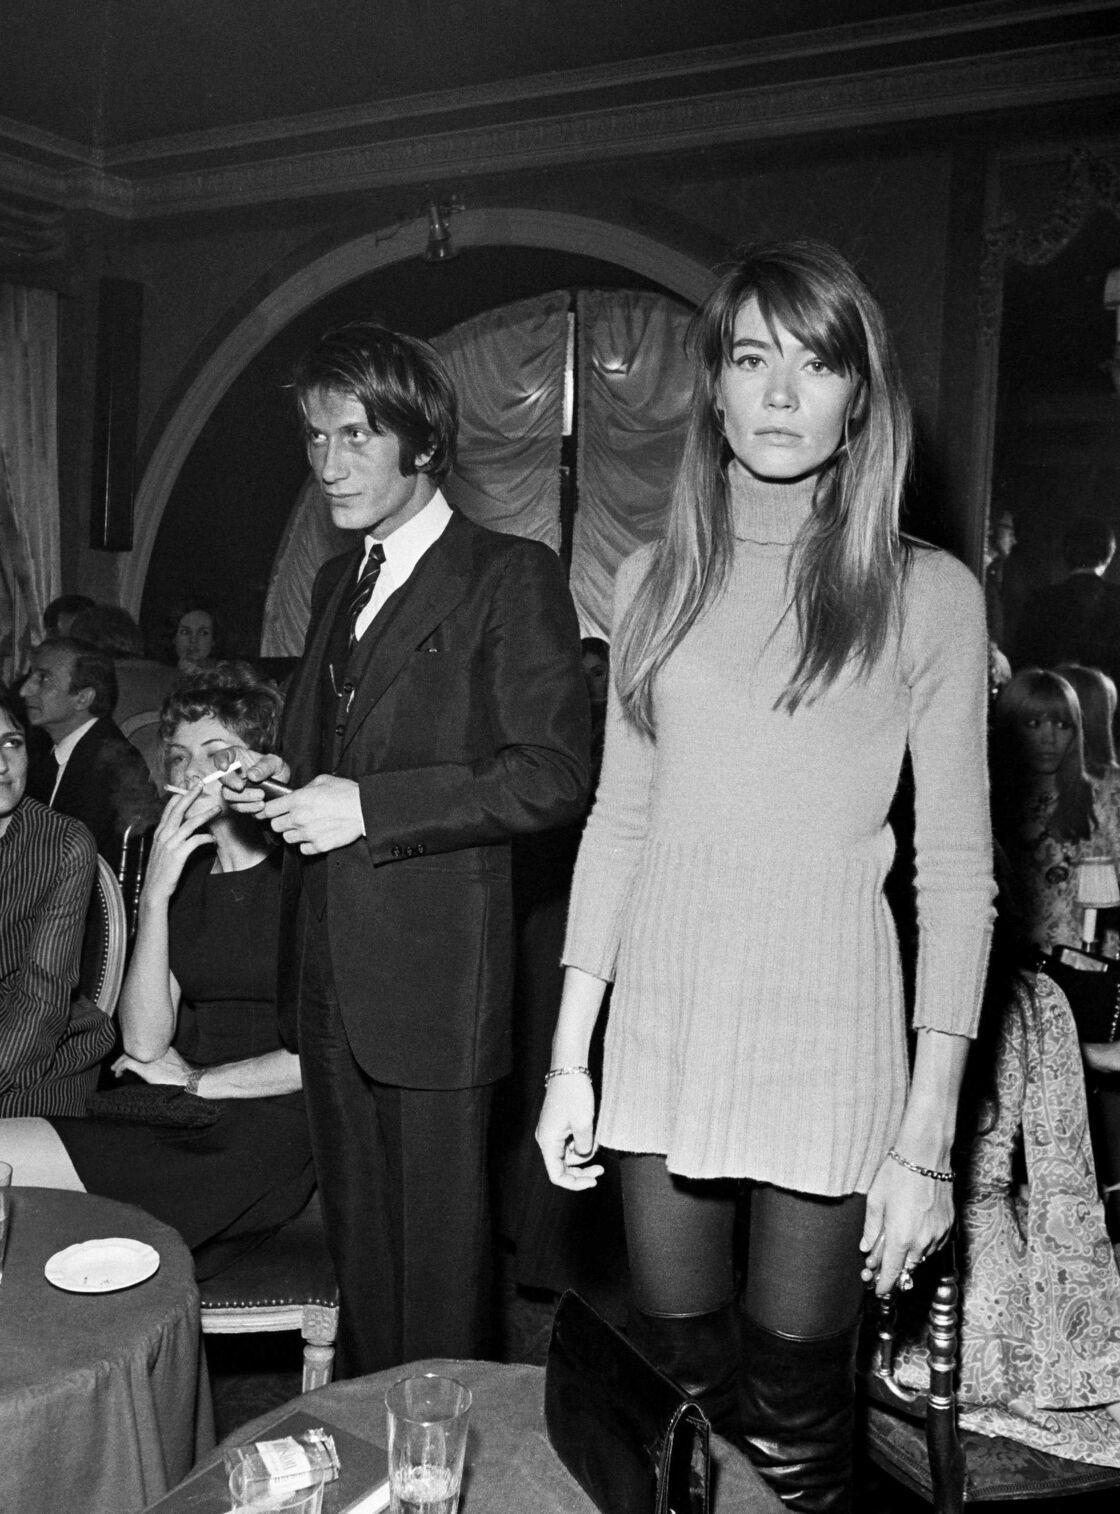 Dans les années 1970, Jacques Dutronc est en couple avec Françoise Hardy. Lors du tournage de